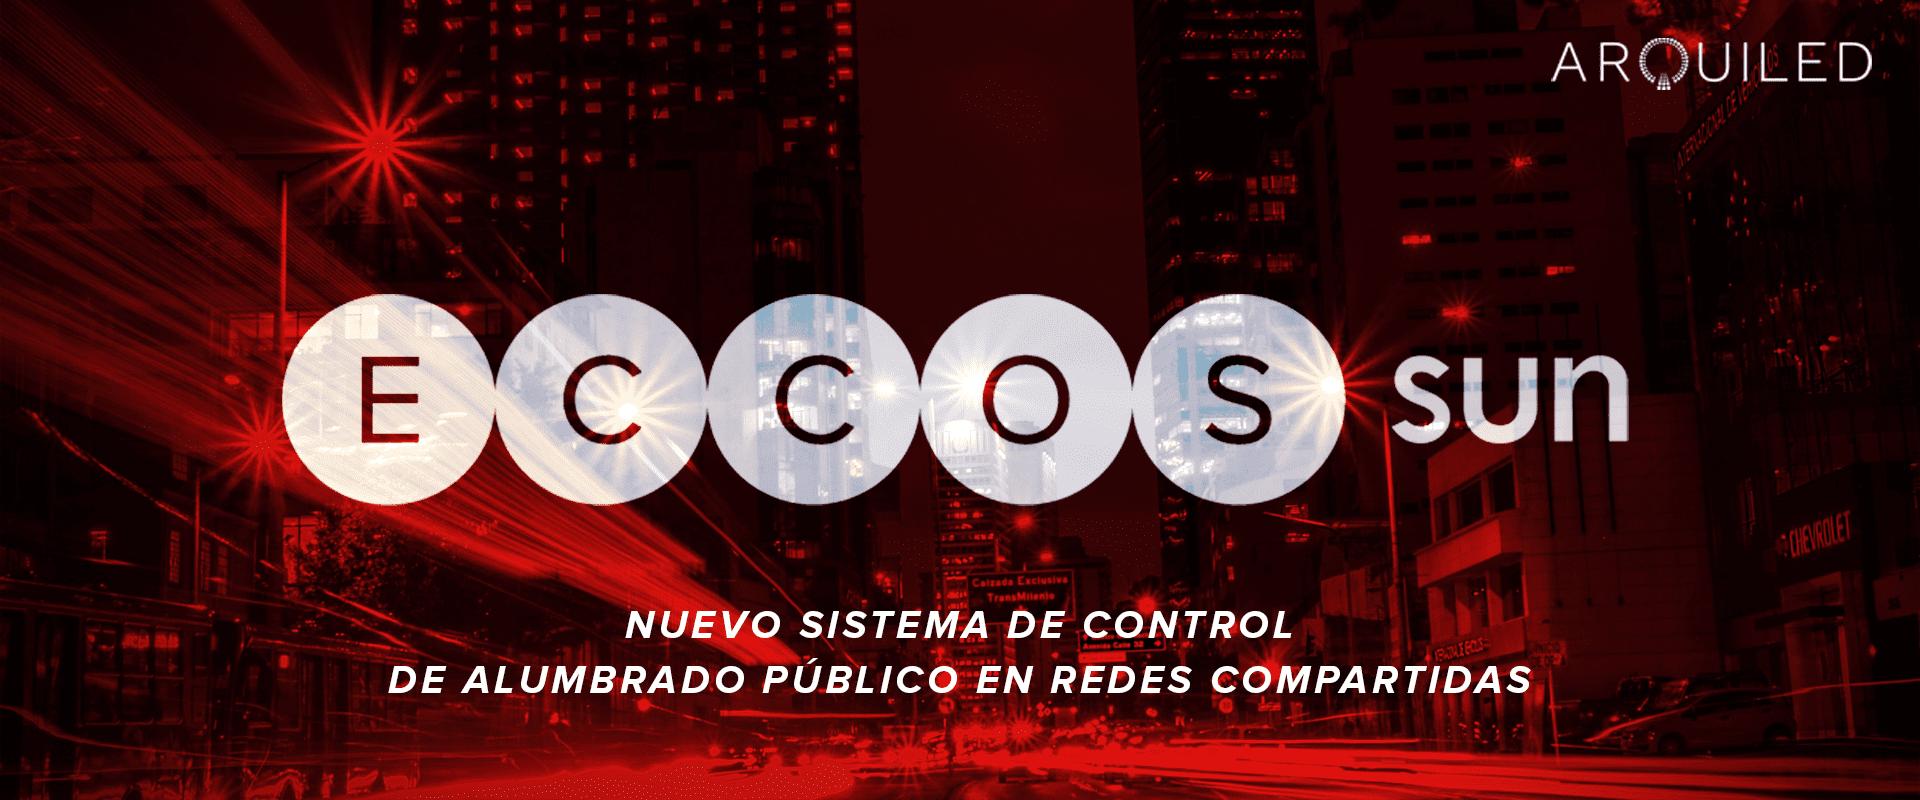 ECCOS SUN - sistema de control de alumbrado público en redes compartidas